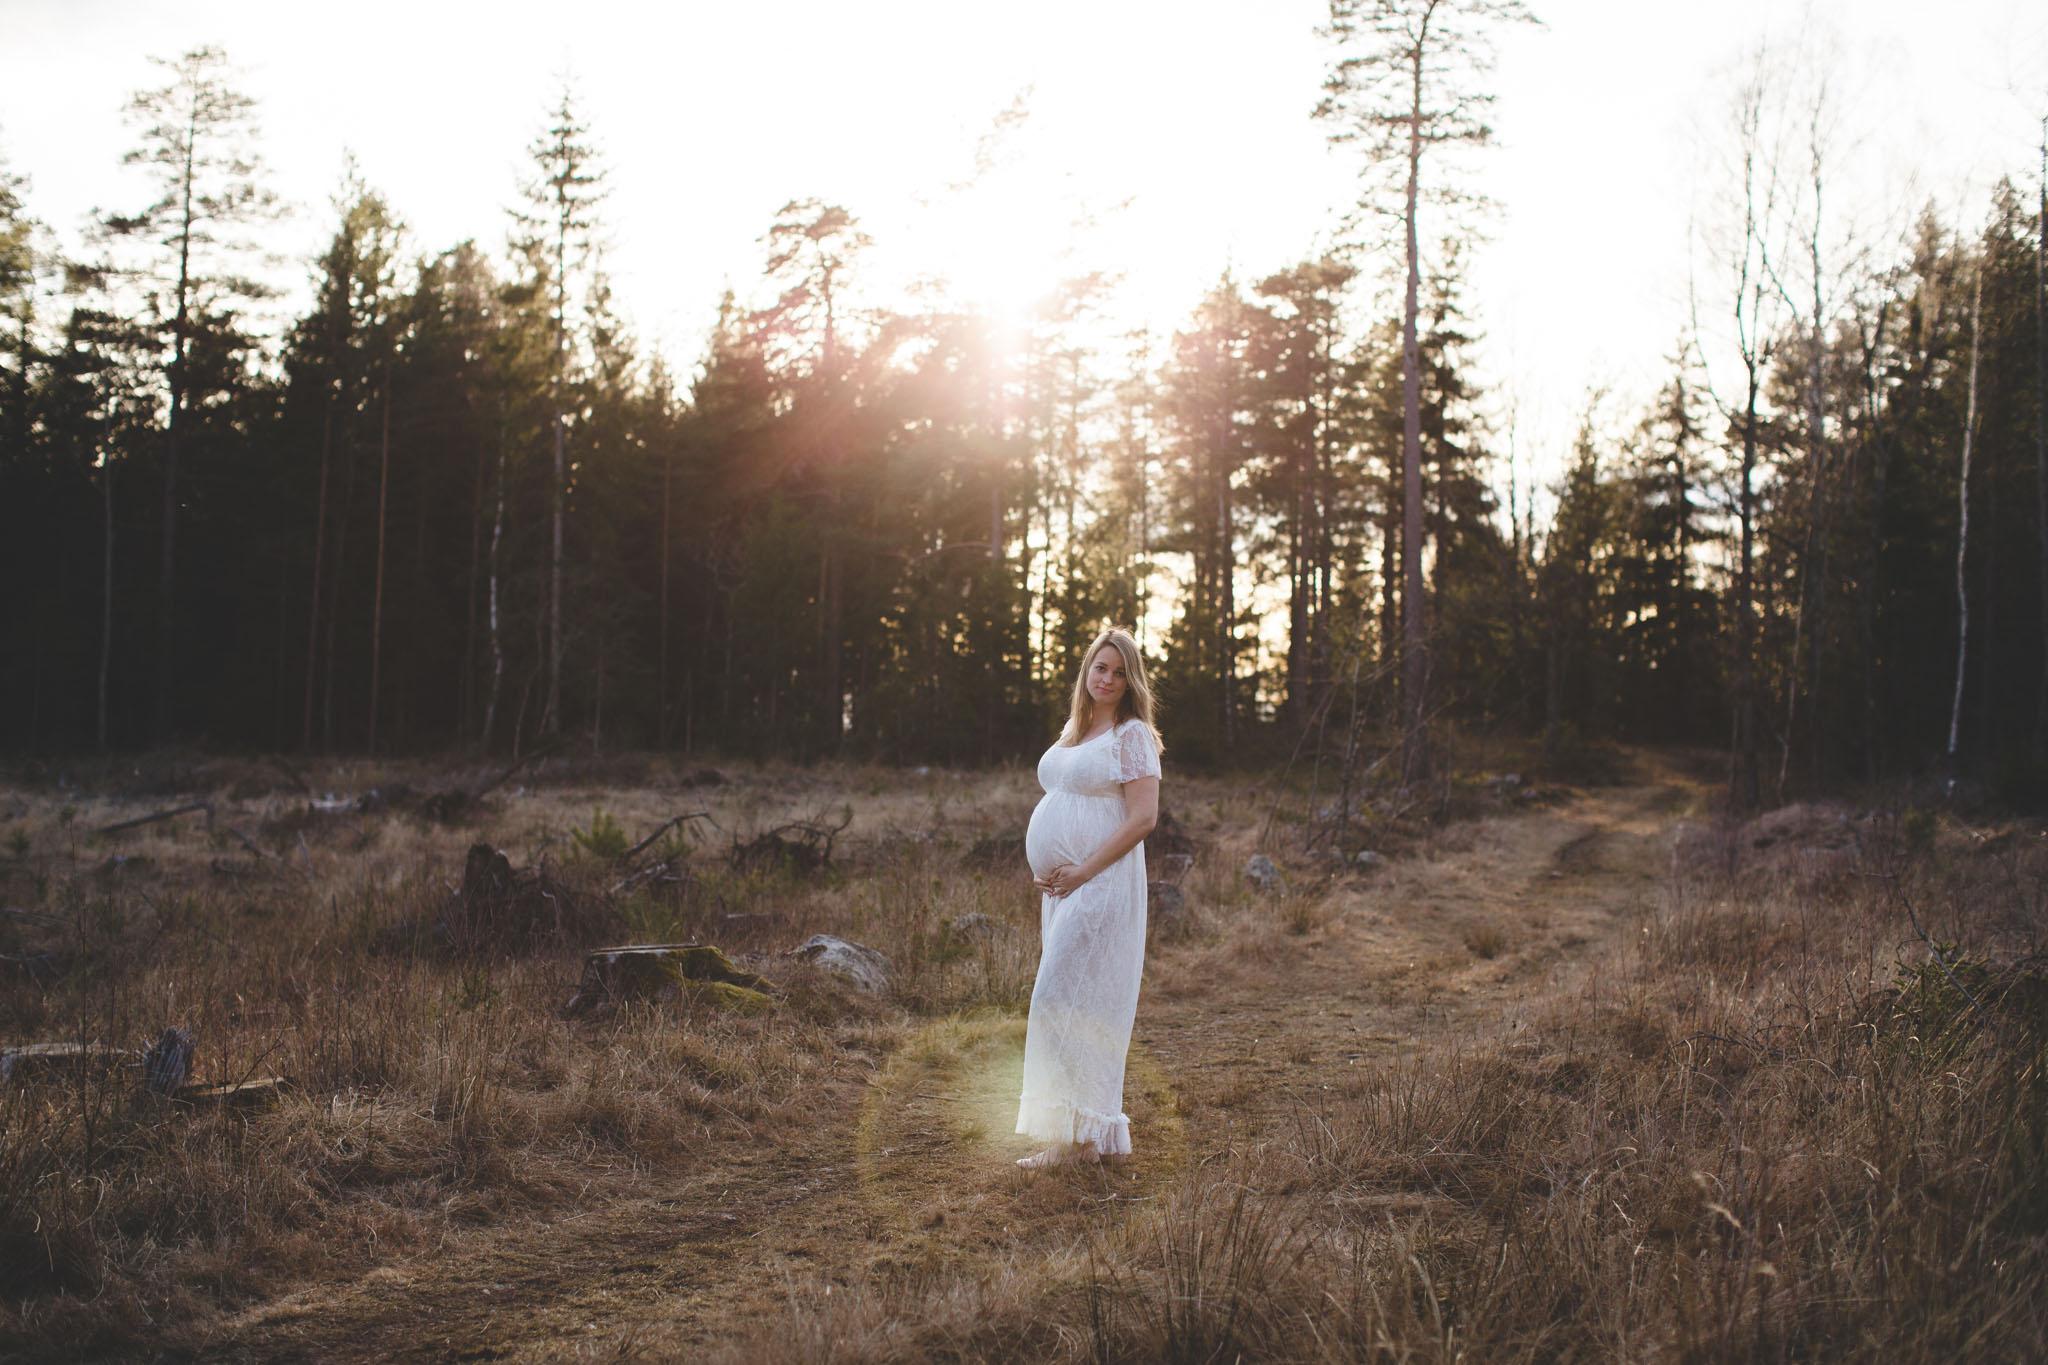 Gravidfoto - Natur - Fotograf Ida Hvattum